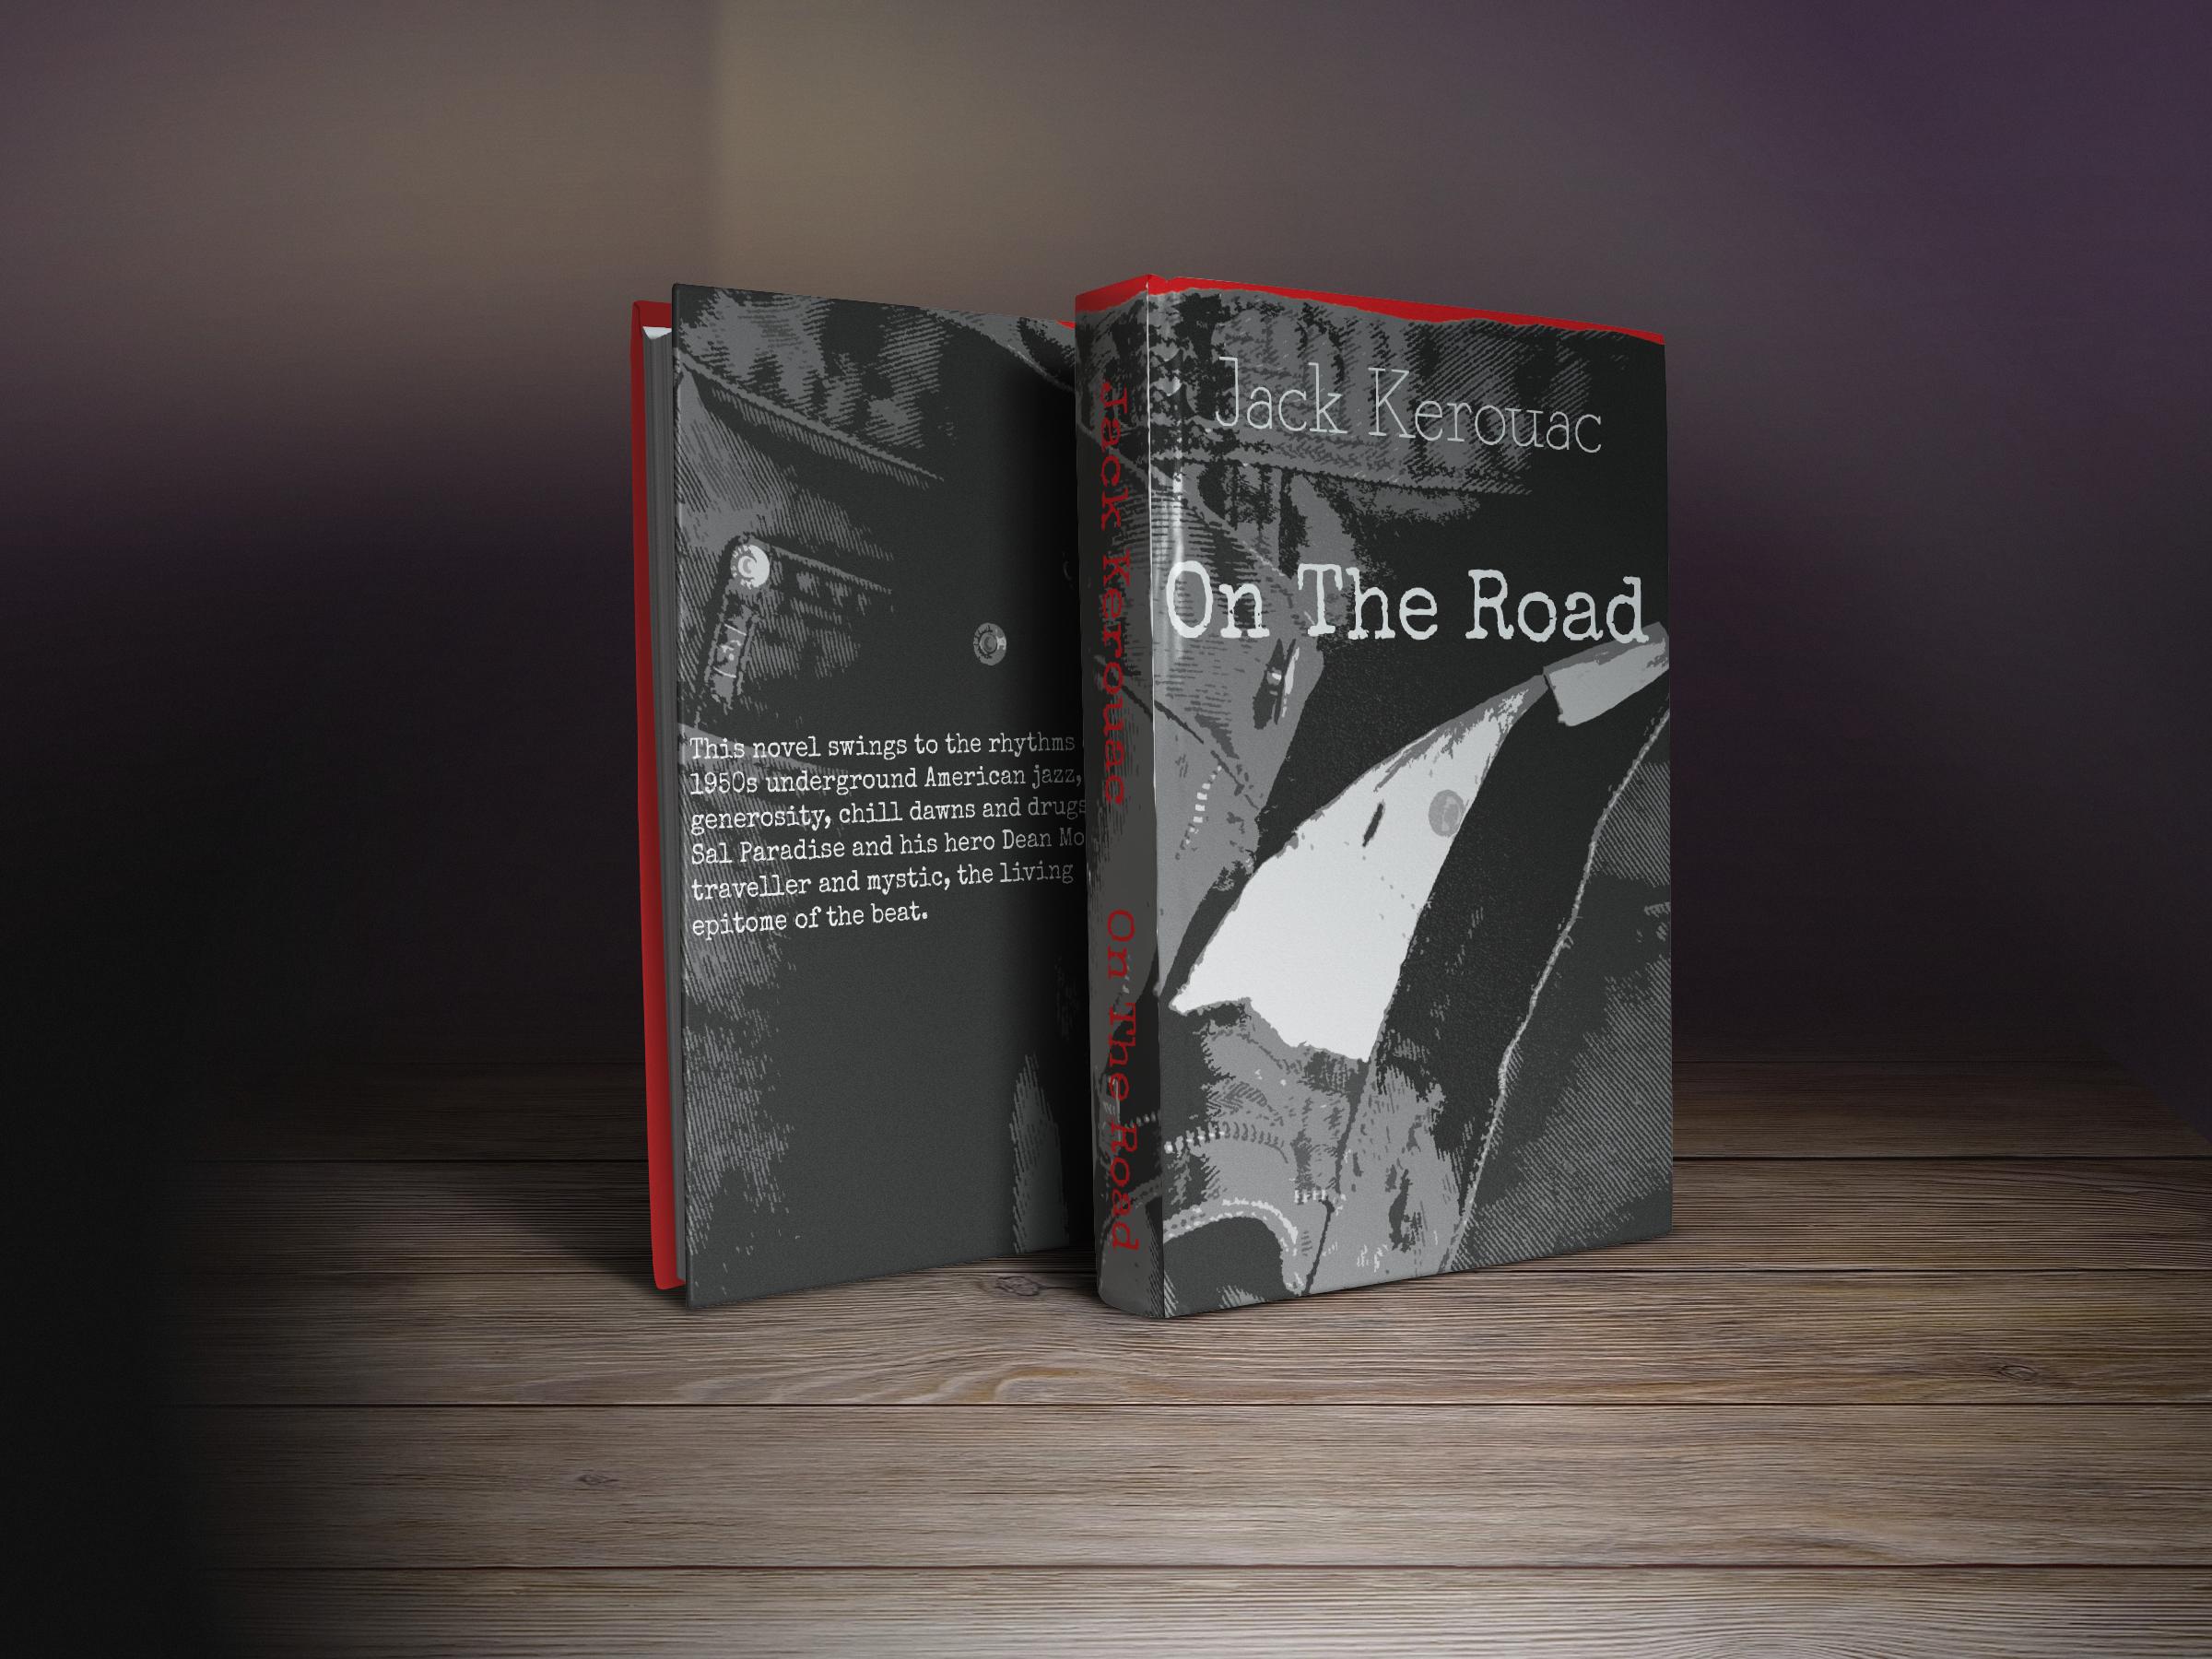 Резултат с изображение за jack kerouac on the road book cover